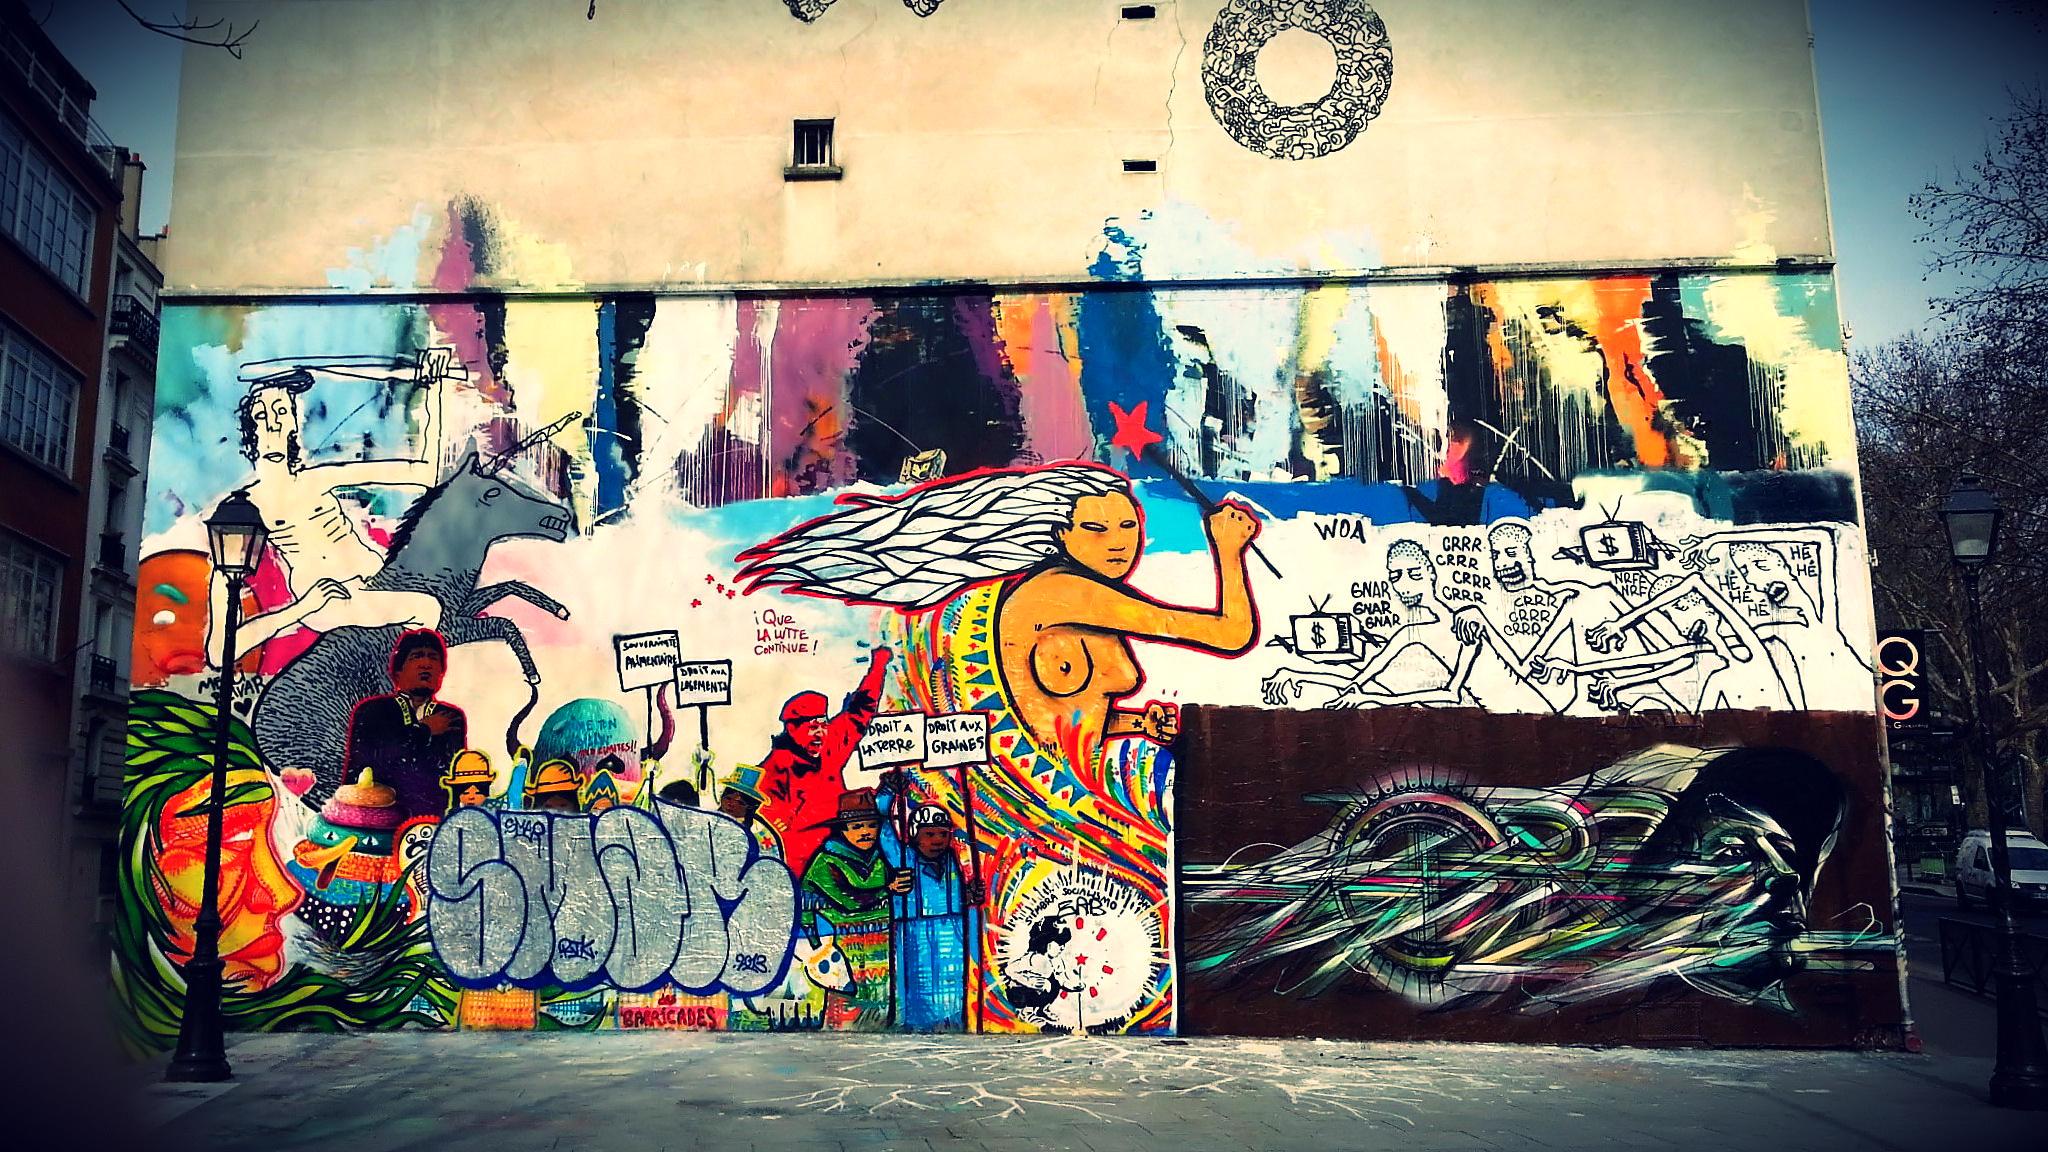 Used 2013-04-19 Graffiti Mural (Paris Paul Prescott) C360_2013-03